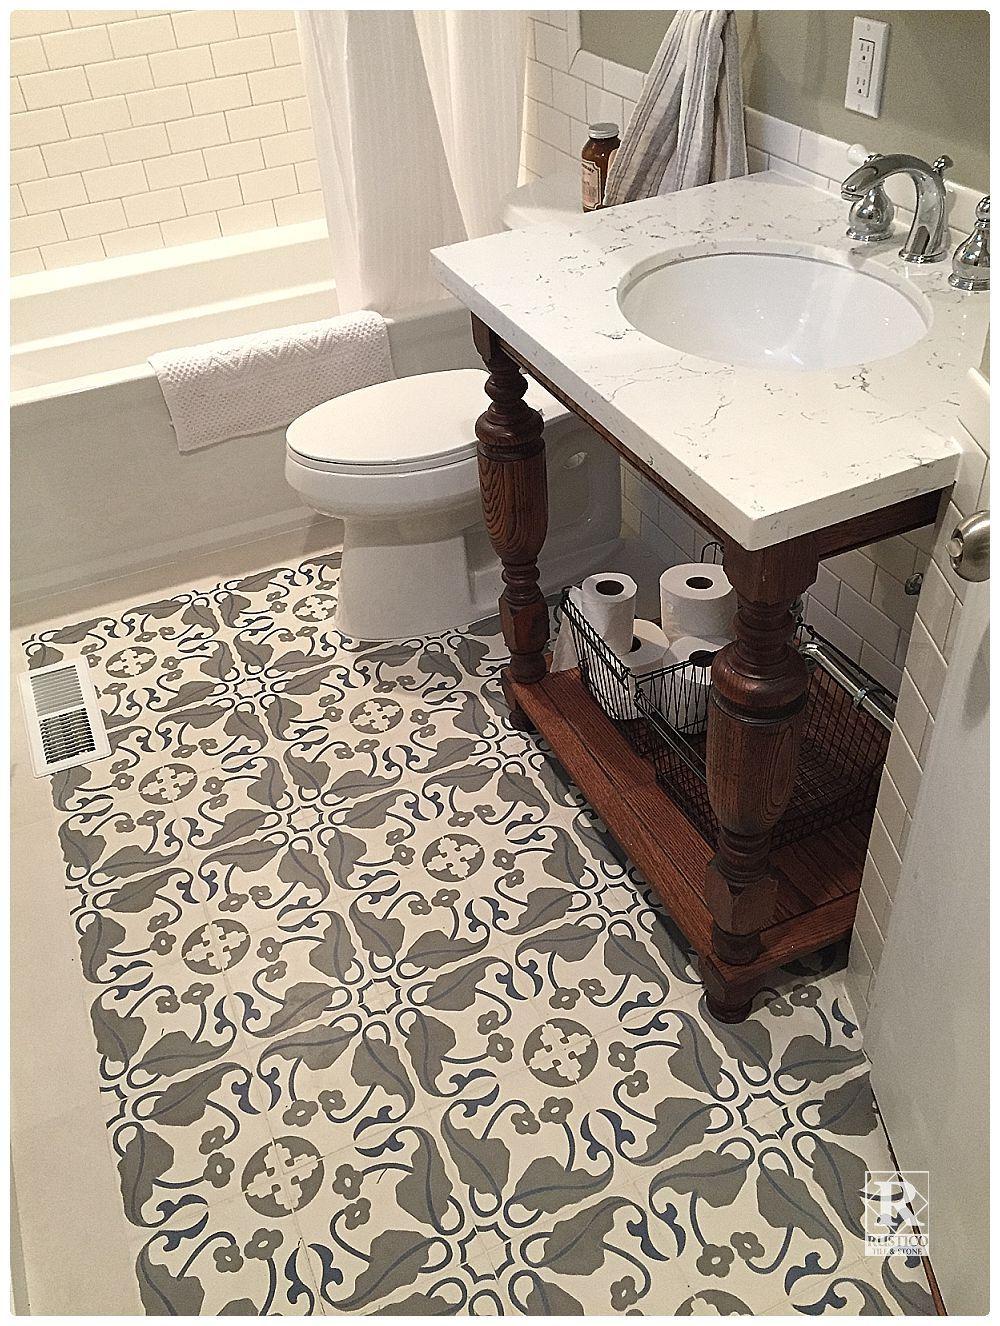 Decorative Tile Floors Cement Tile Floors  Encaustic Tiles  Rustico Tile And Stone